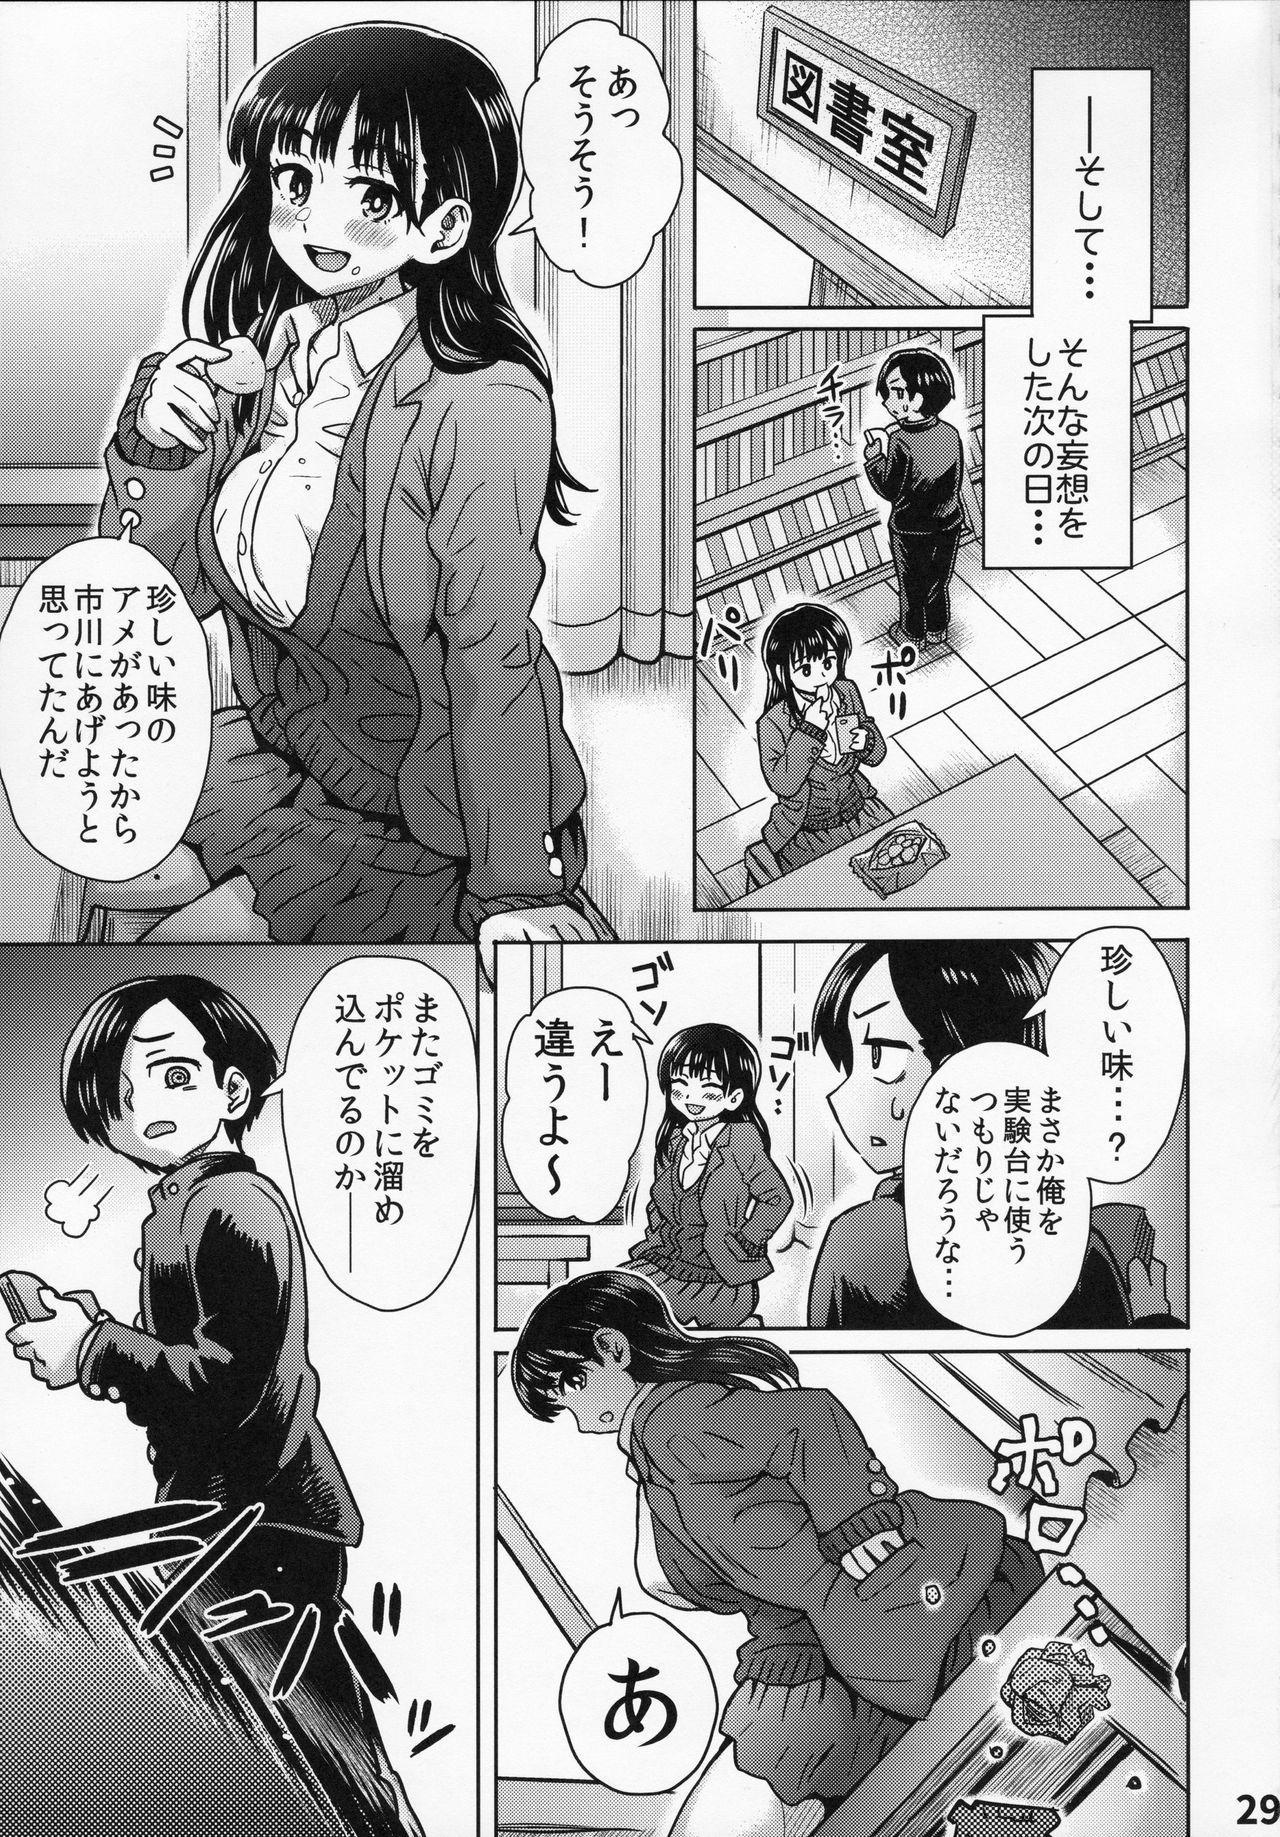 [Eight Beat (Itou Eight)] Boku no Kokoro no NTR (Yabai) Mousou (Boku no Kokoro no Yabai Yatsu) 29